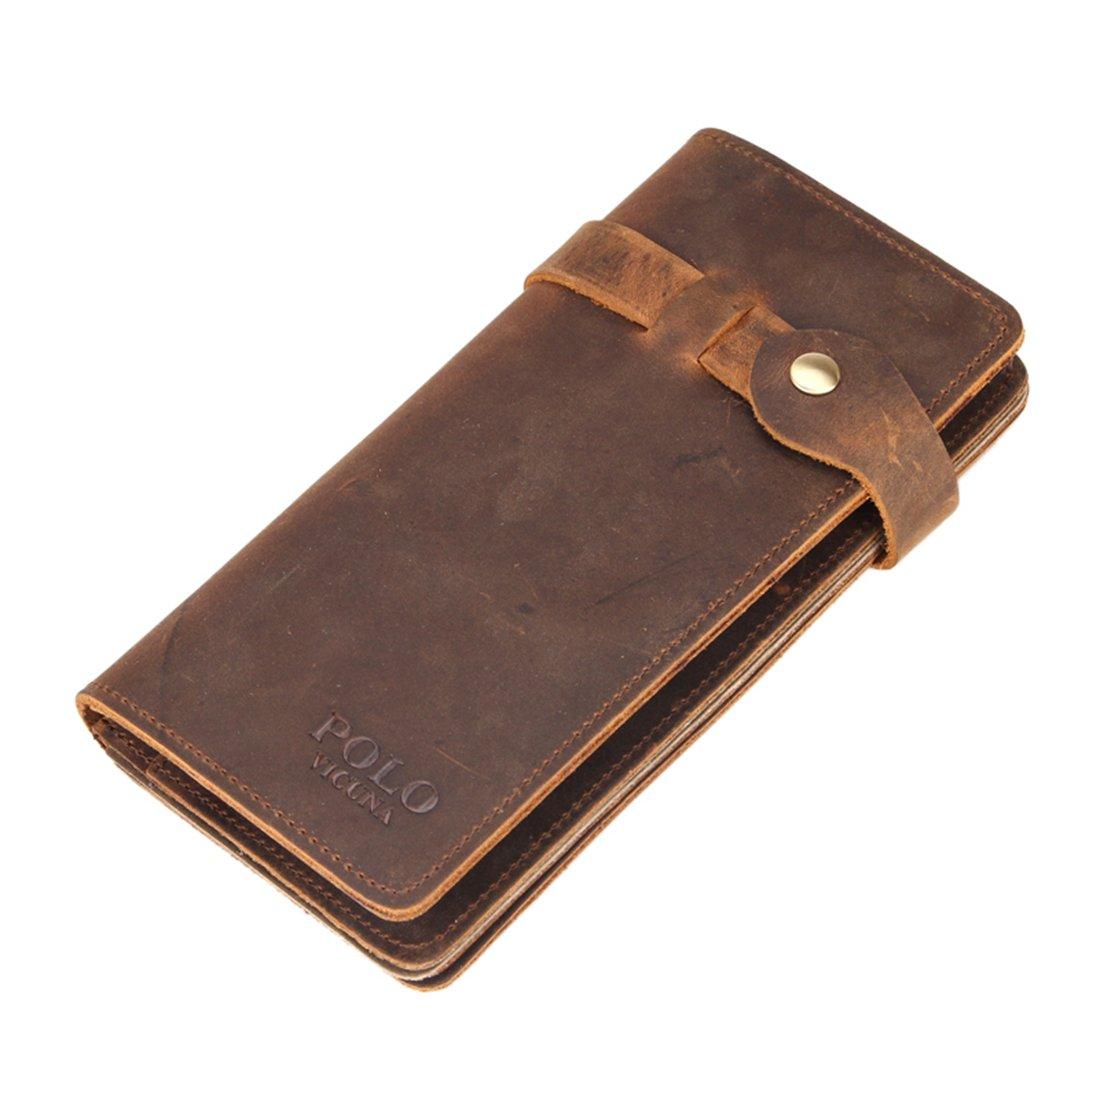 VICUNA POLO - Cartera para hombre marrón marrón: Amazon.es: Equipaje